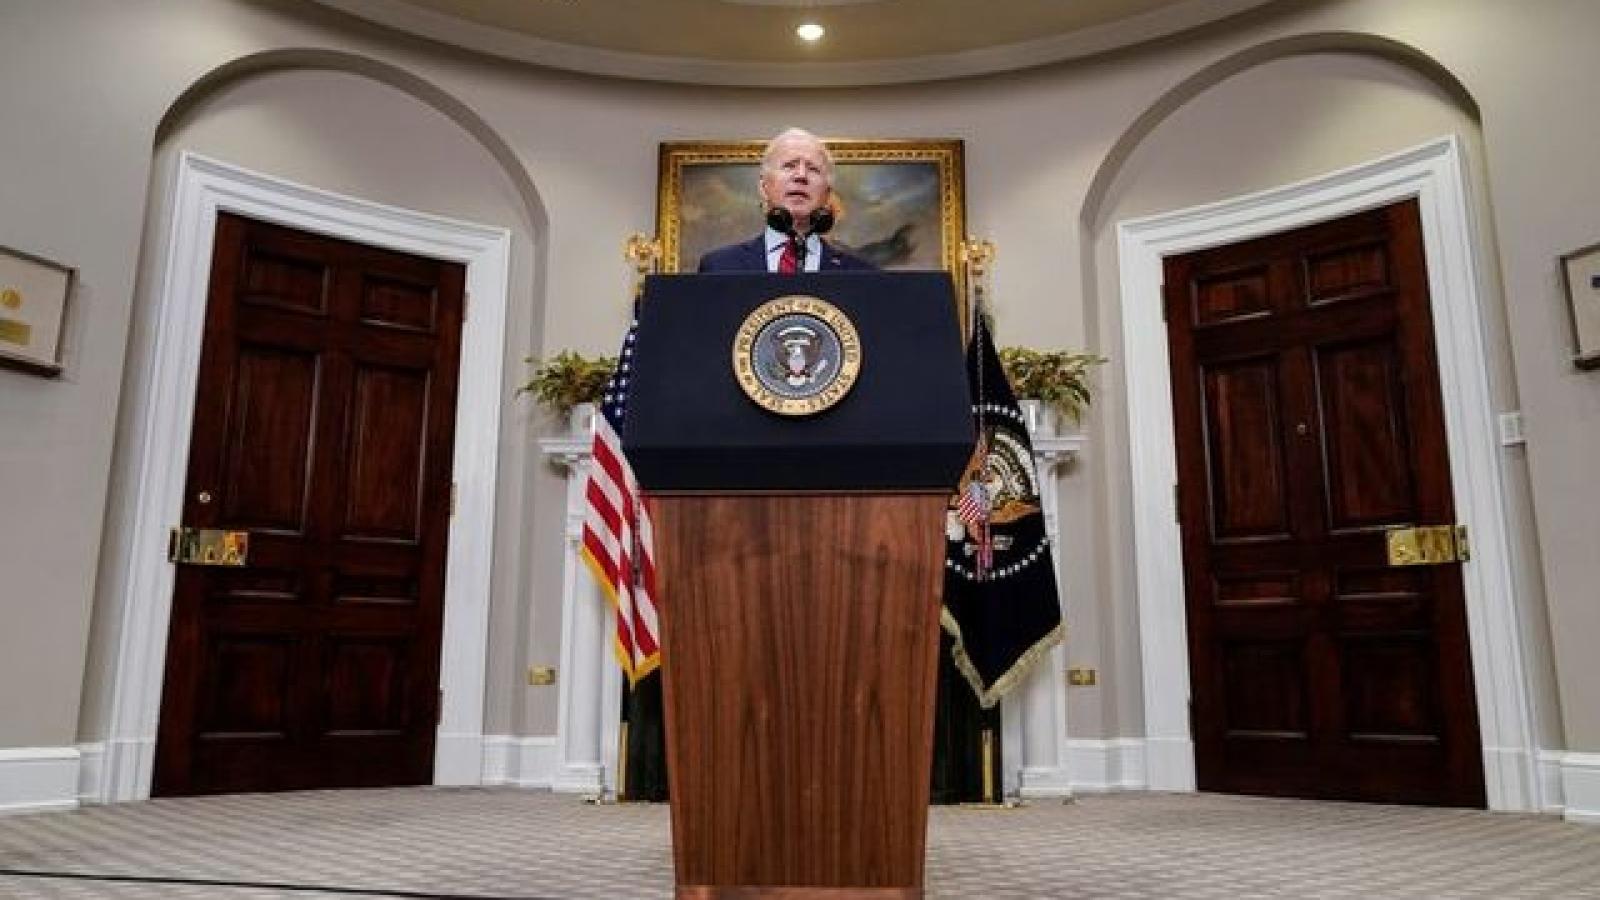 Tổng thống Biden đề xuất gói cơ sở hạ tầng khổng lồ trị giá hơn 2.000 tỷ USD